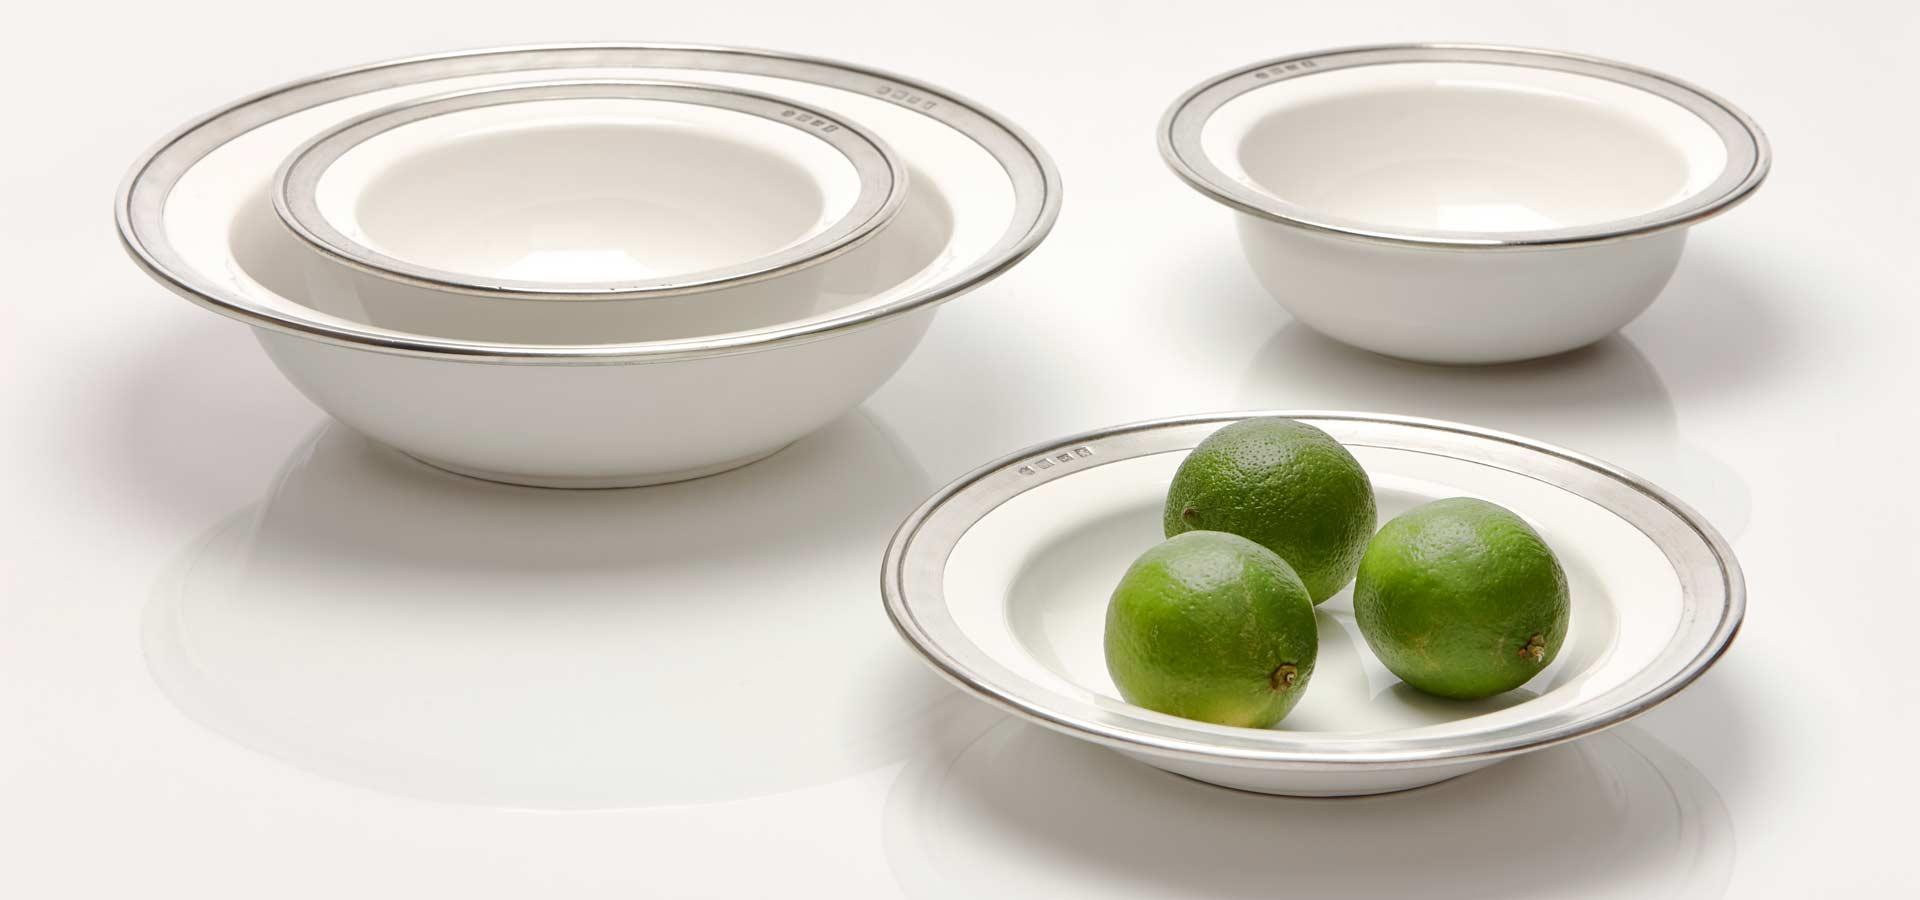 Блюда и вазы (фруктовые и сервировочные)